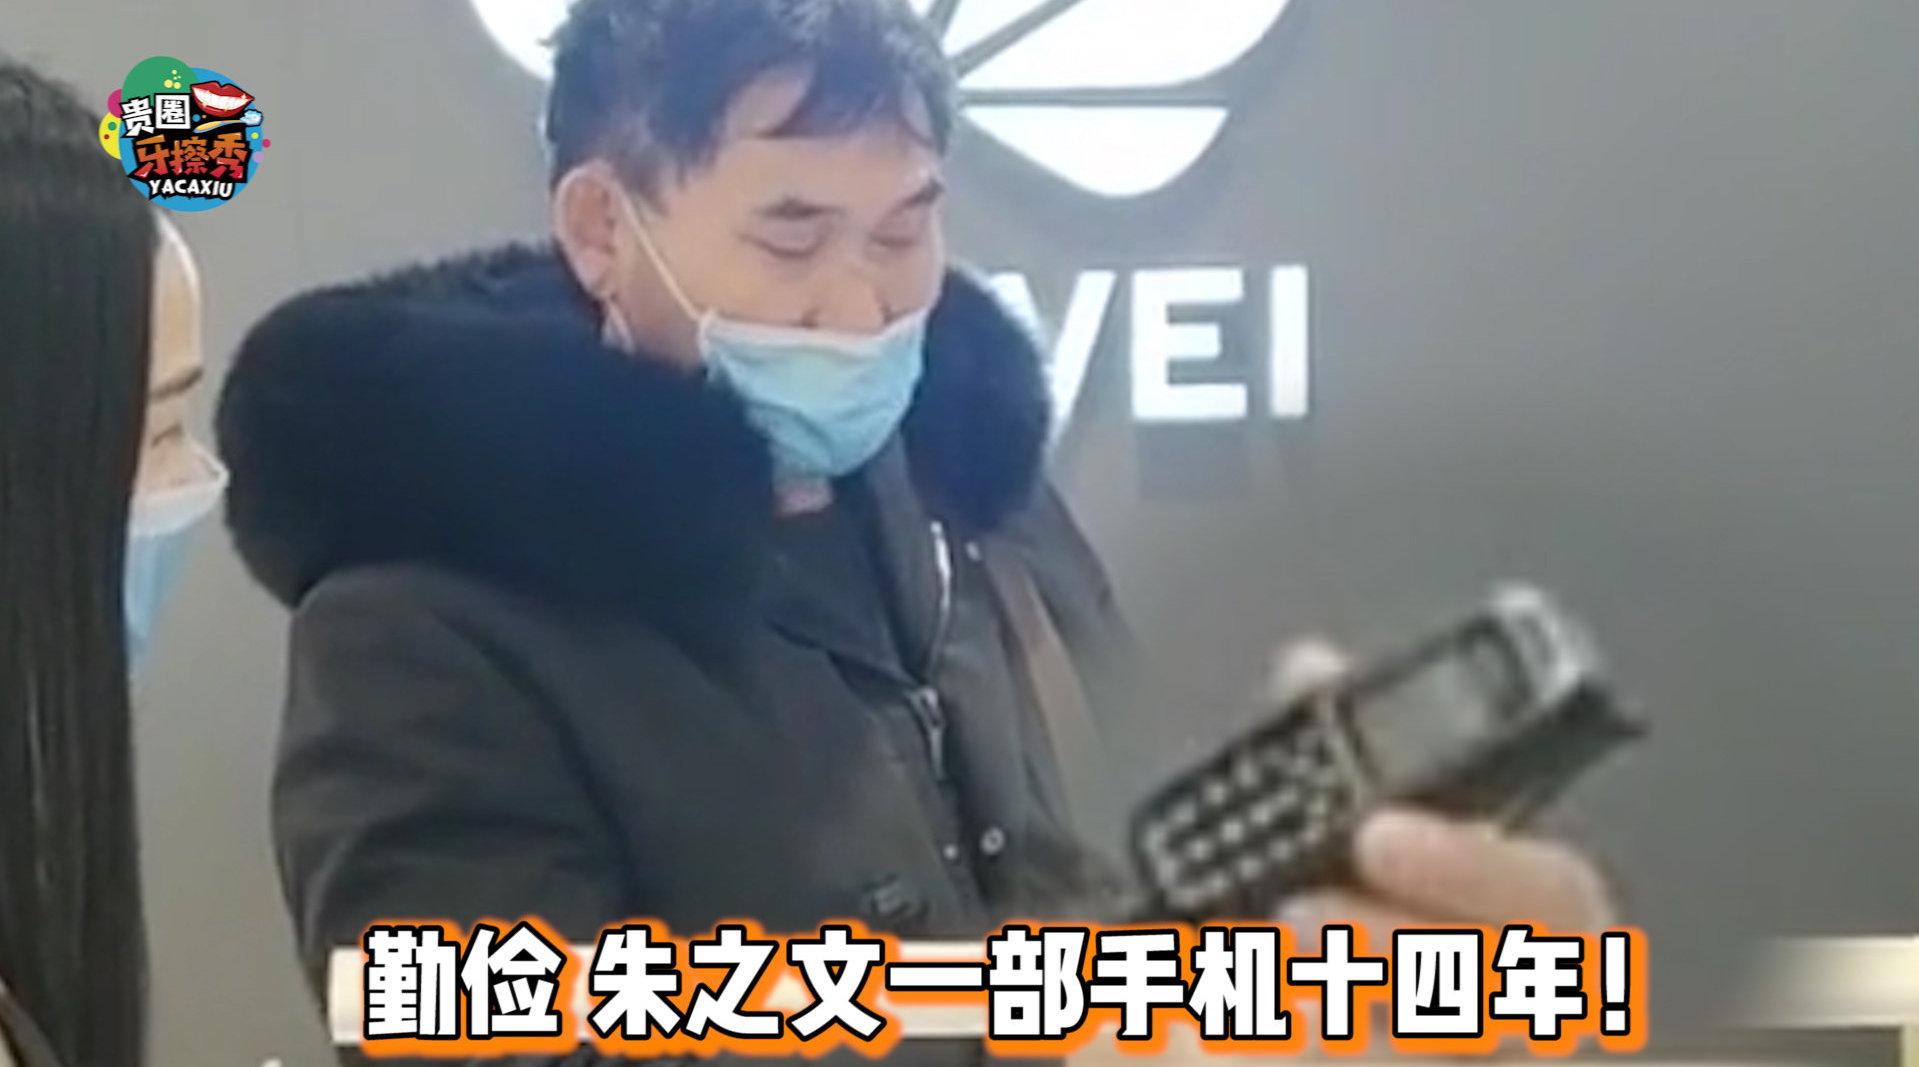 大衣哥手机用14年坏掉,拿去维修把店员给吓懵了